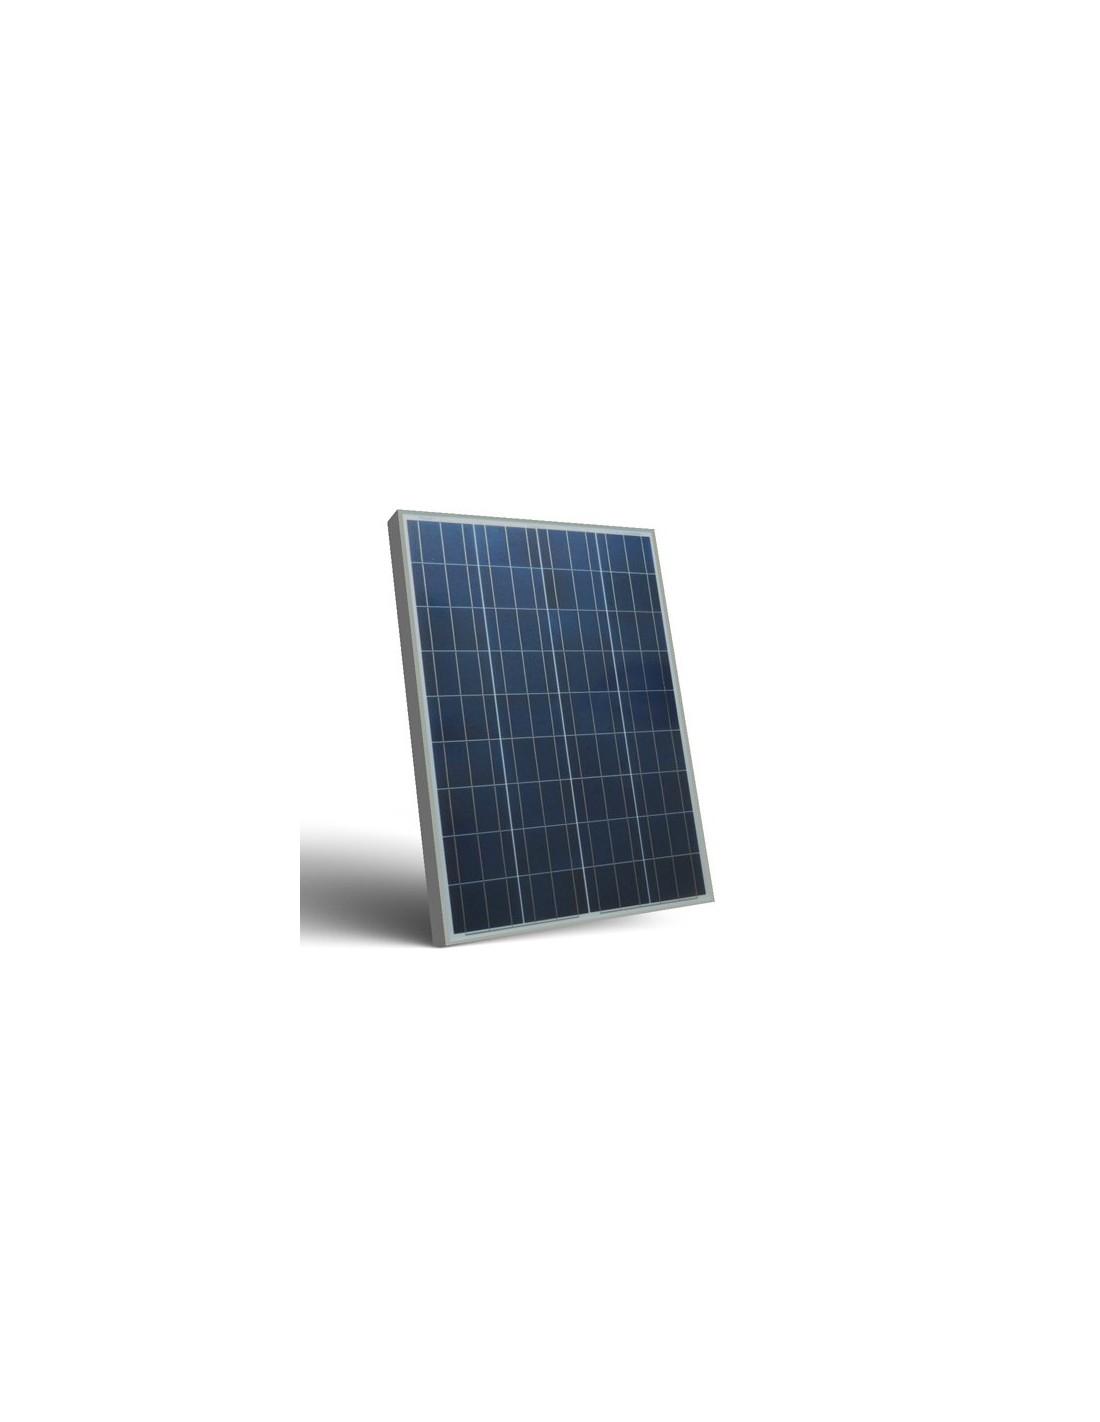 Pannello Solare Per Camper Occasione : Pannello solare fotovoltaico w v policristallino